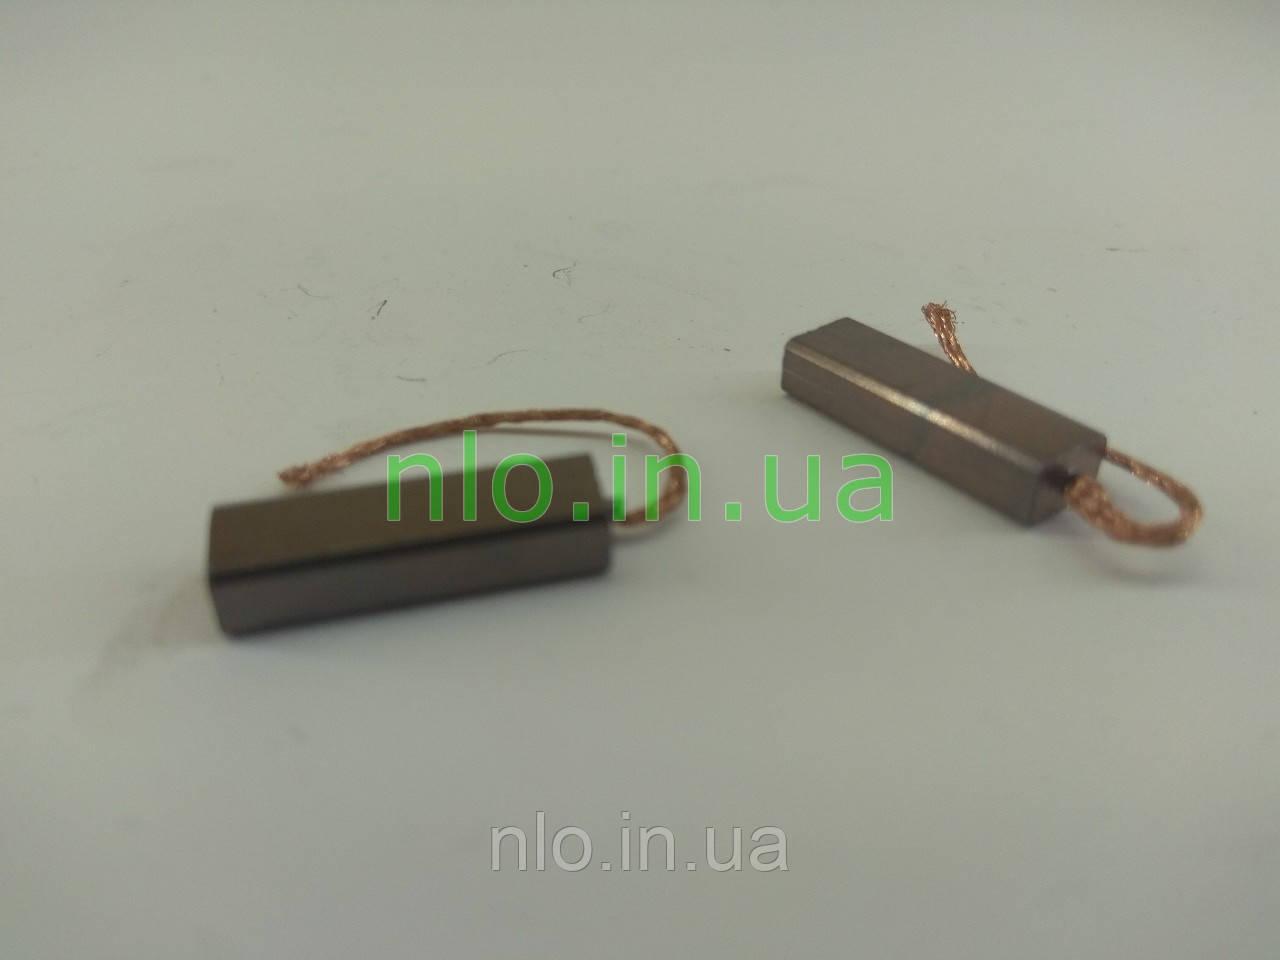 Щетки меднографитовые 4х6х19 провод 35 мм